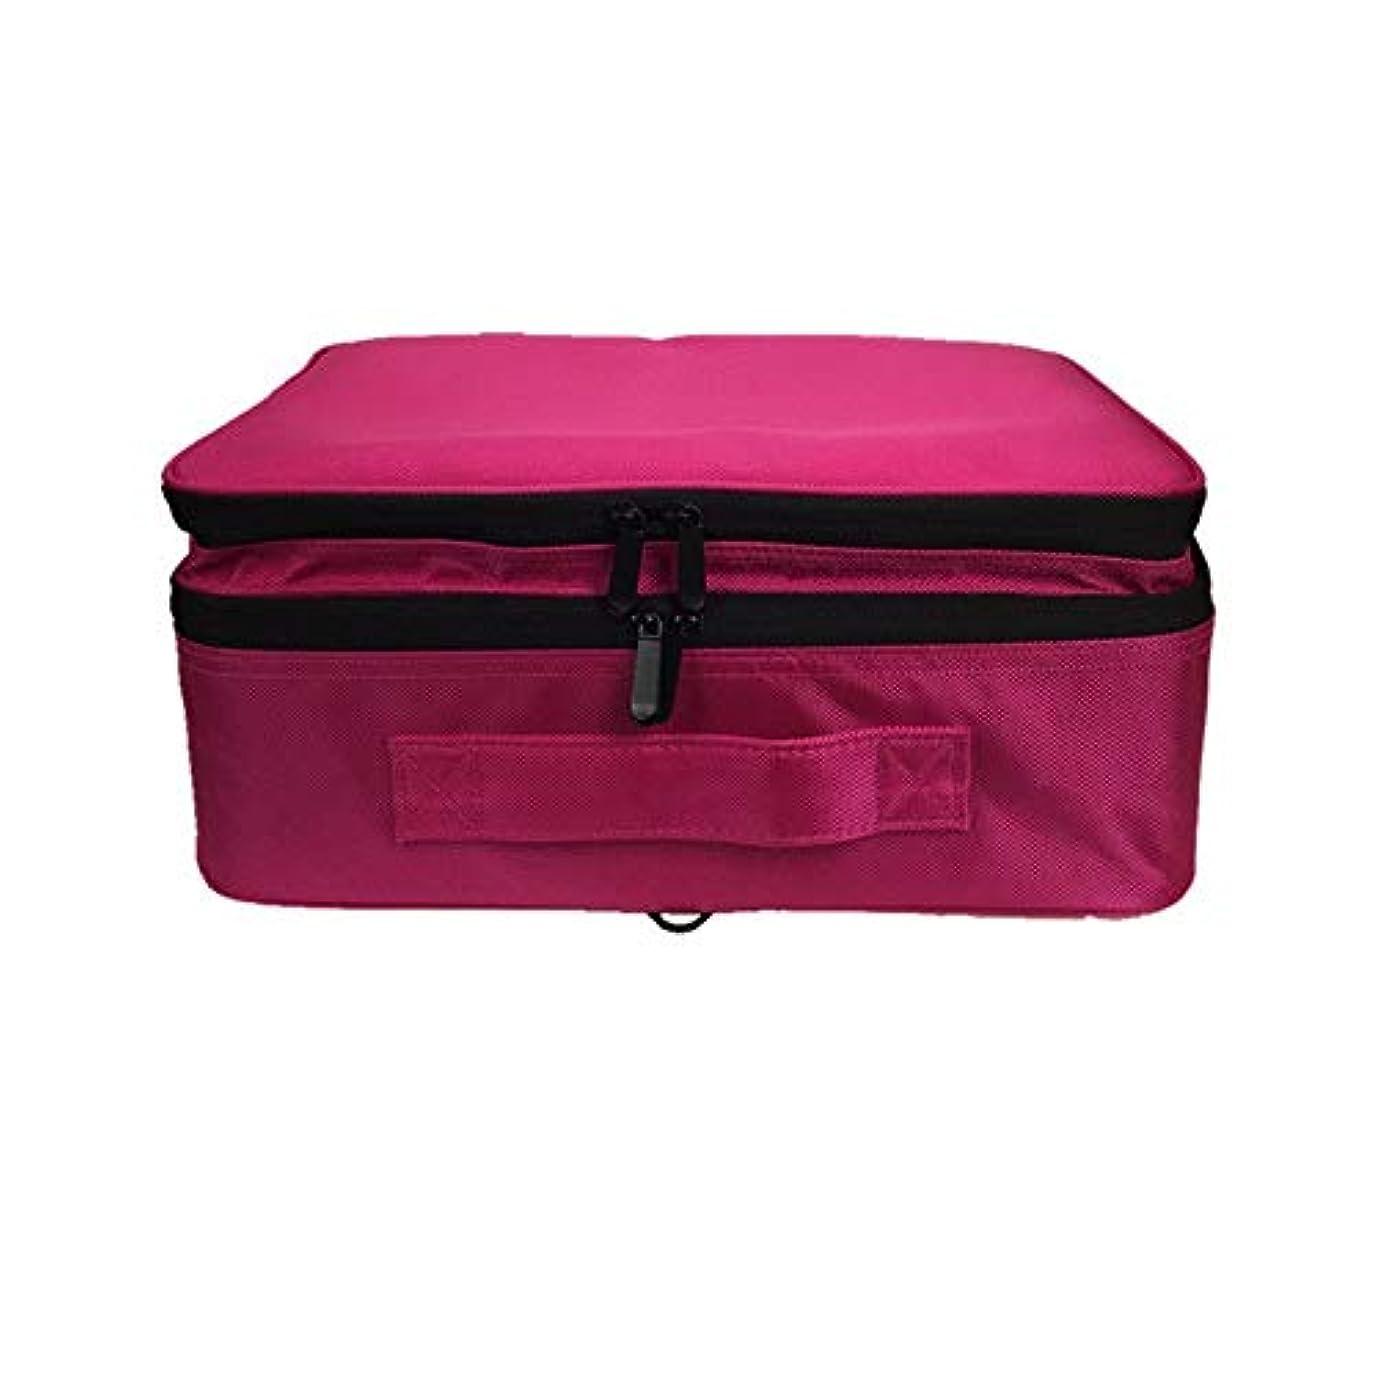 債権者環境に優しいマトン化粧オーガナイザーバッグ 調整可能な仕切り付き防水メイクアップバッグ旅行化粧ケースブラシホルダー 化粧品ケース (色 : 赤)